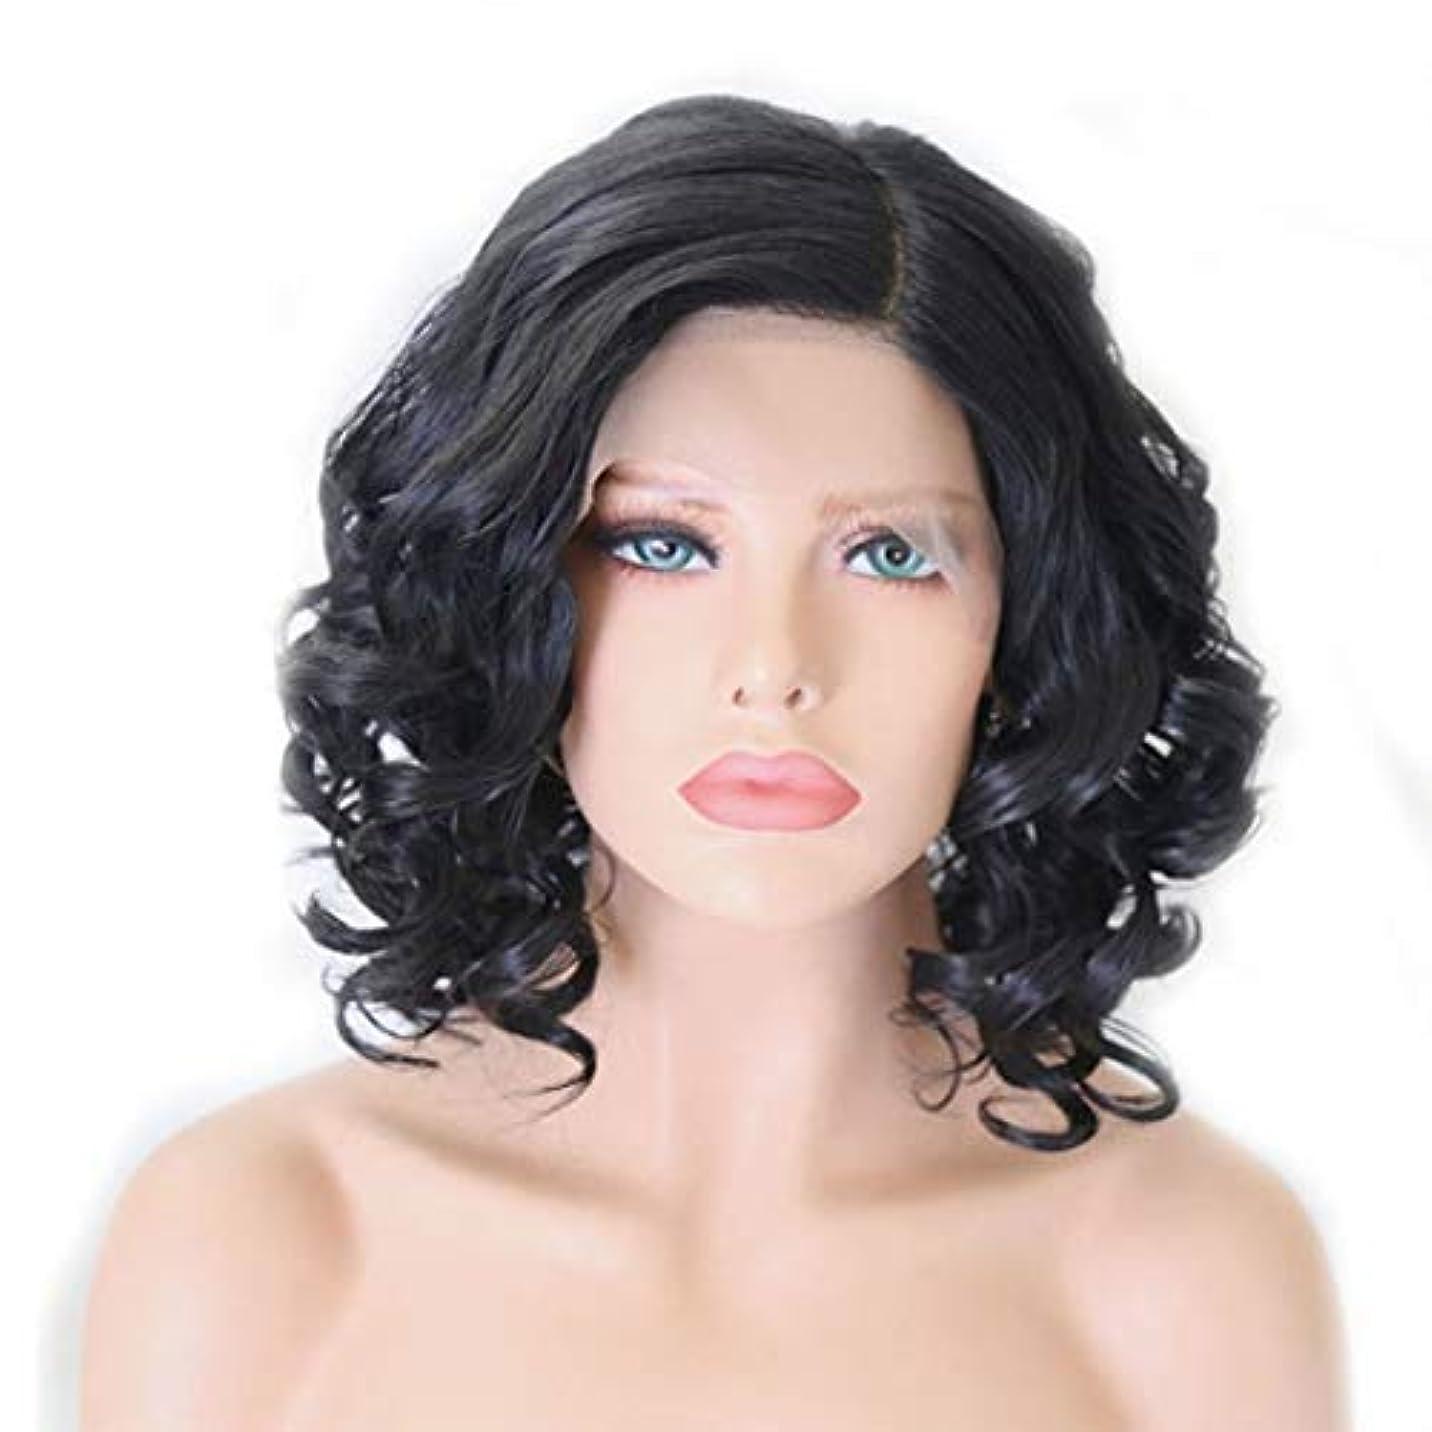 密度めまいがバスルームKerwinner フロントレースかつら女性のための短い巻き毛のふわふわ高温シルクケミカルファイバーウィッグ (Color : Black, Size : 24 inches)